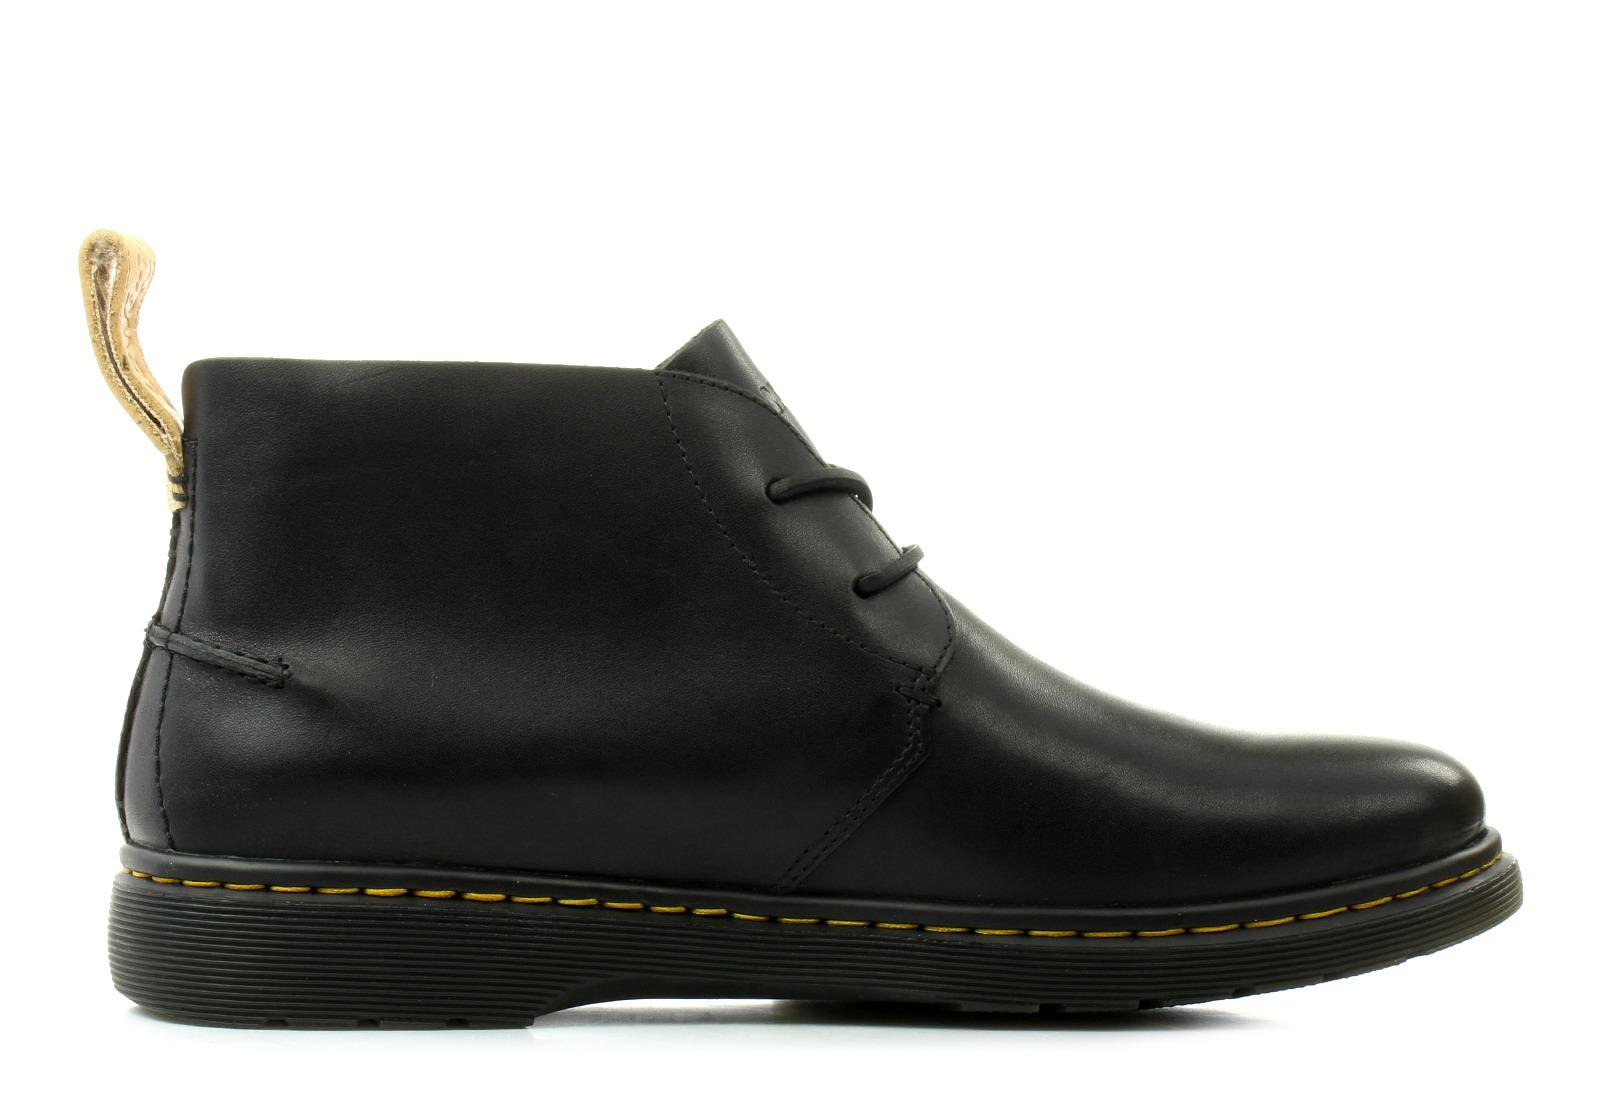 bd407eb633 Dr Martens Bakancs - Ember - DM23949001 - Office Shoes Magyarország